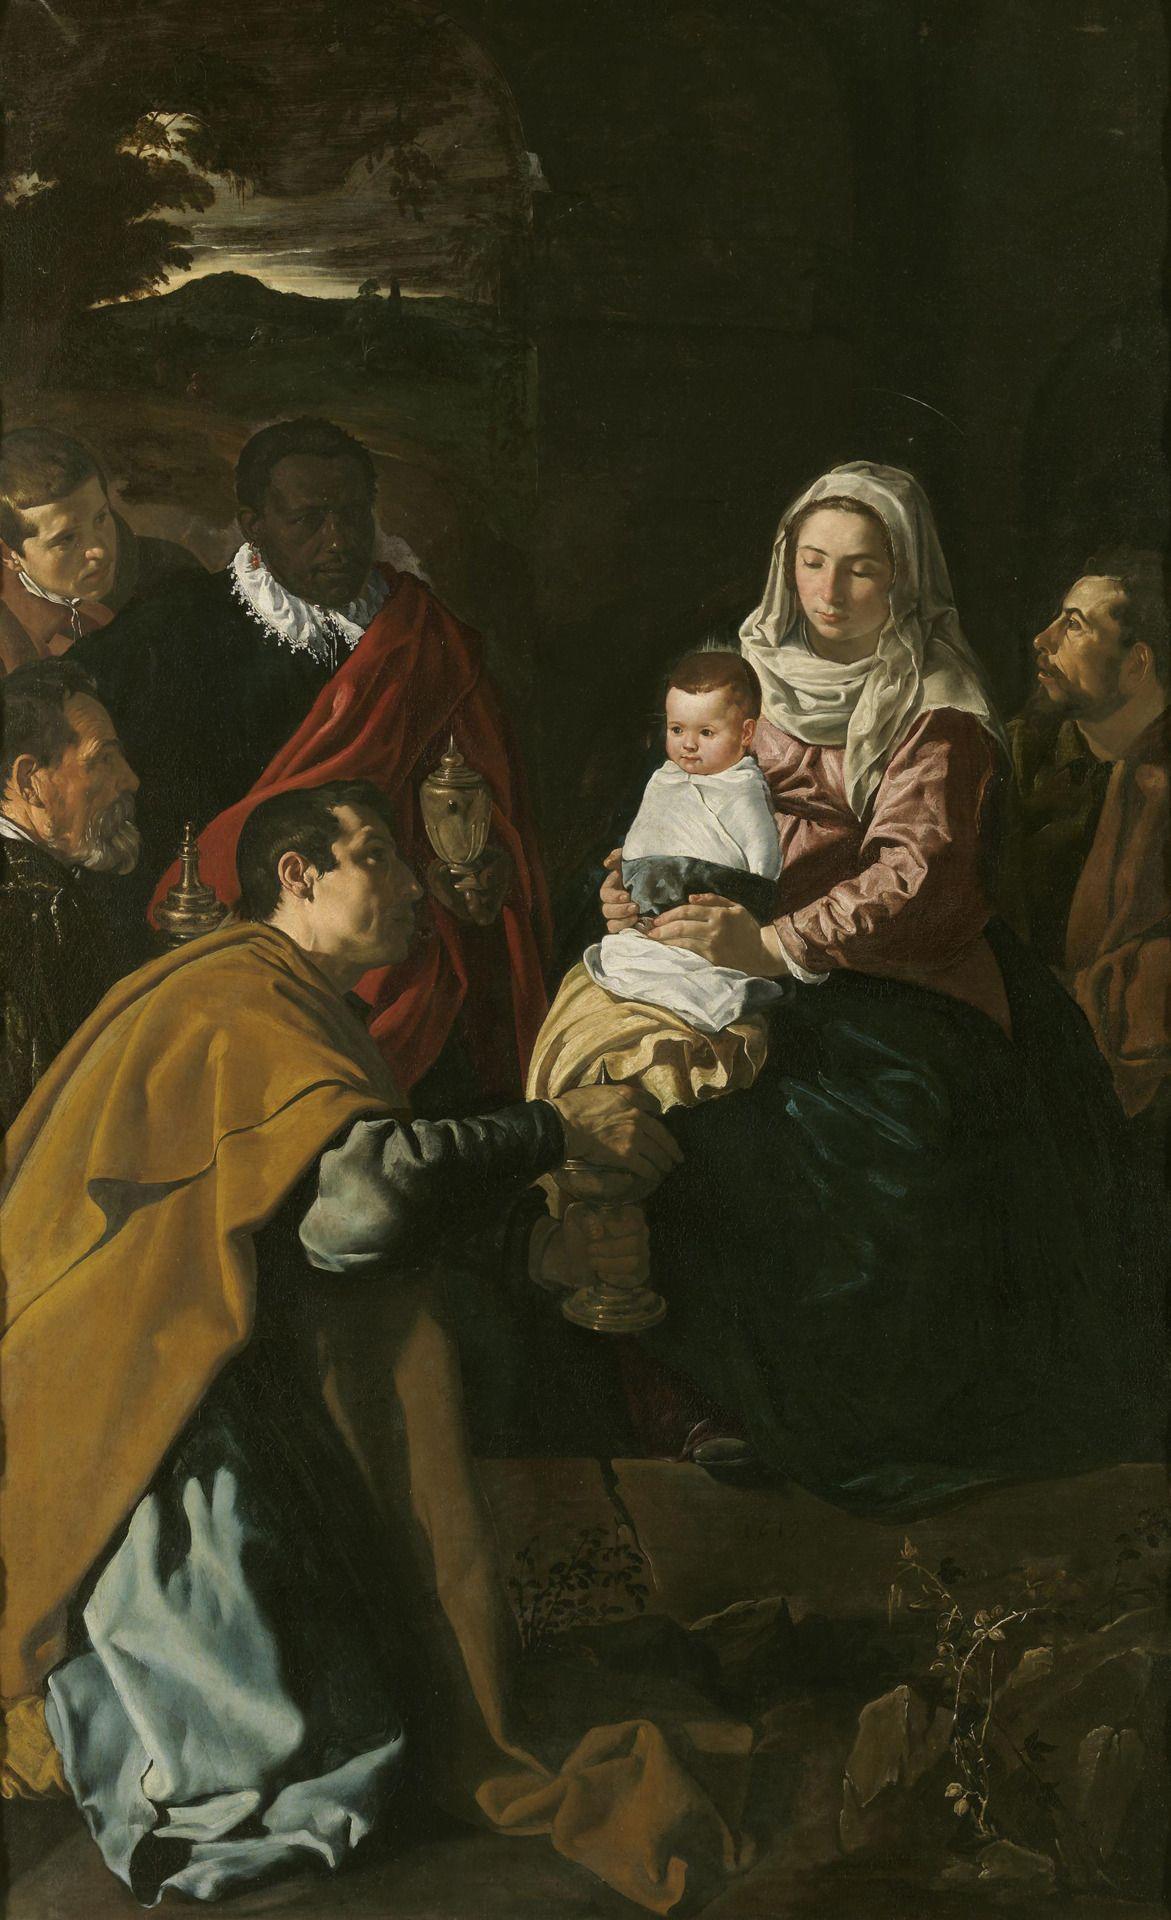 Diego Velázquez Adoración de los Magos (1619, Museo del Prado, Madrid,  España) La pintura es un retrato de familia. Velázquez se puede identificar  como ...